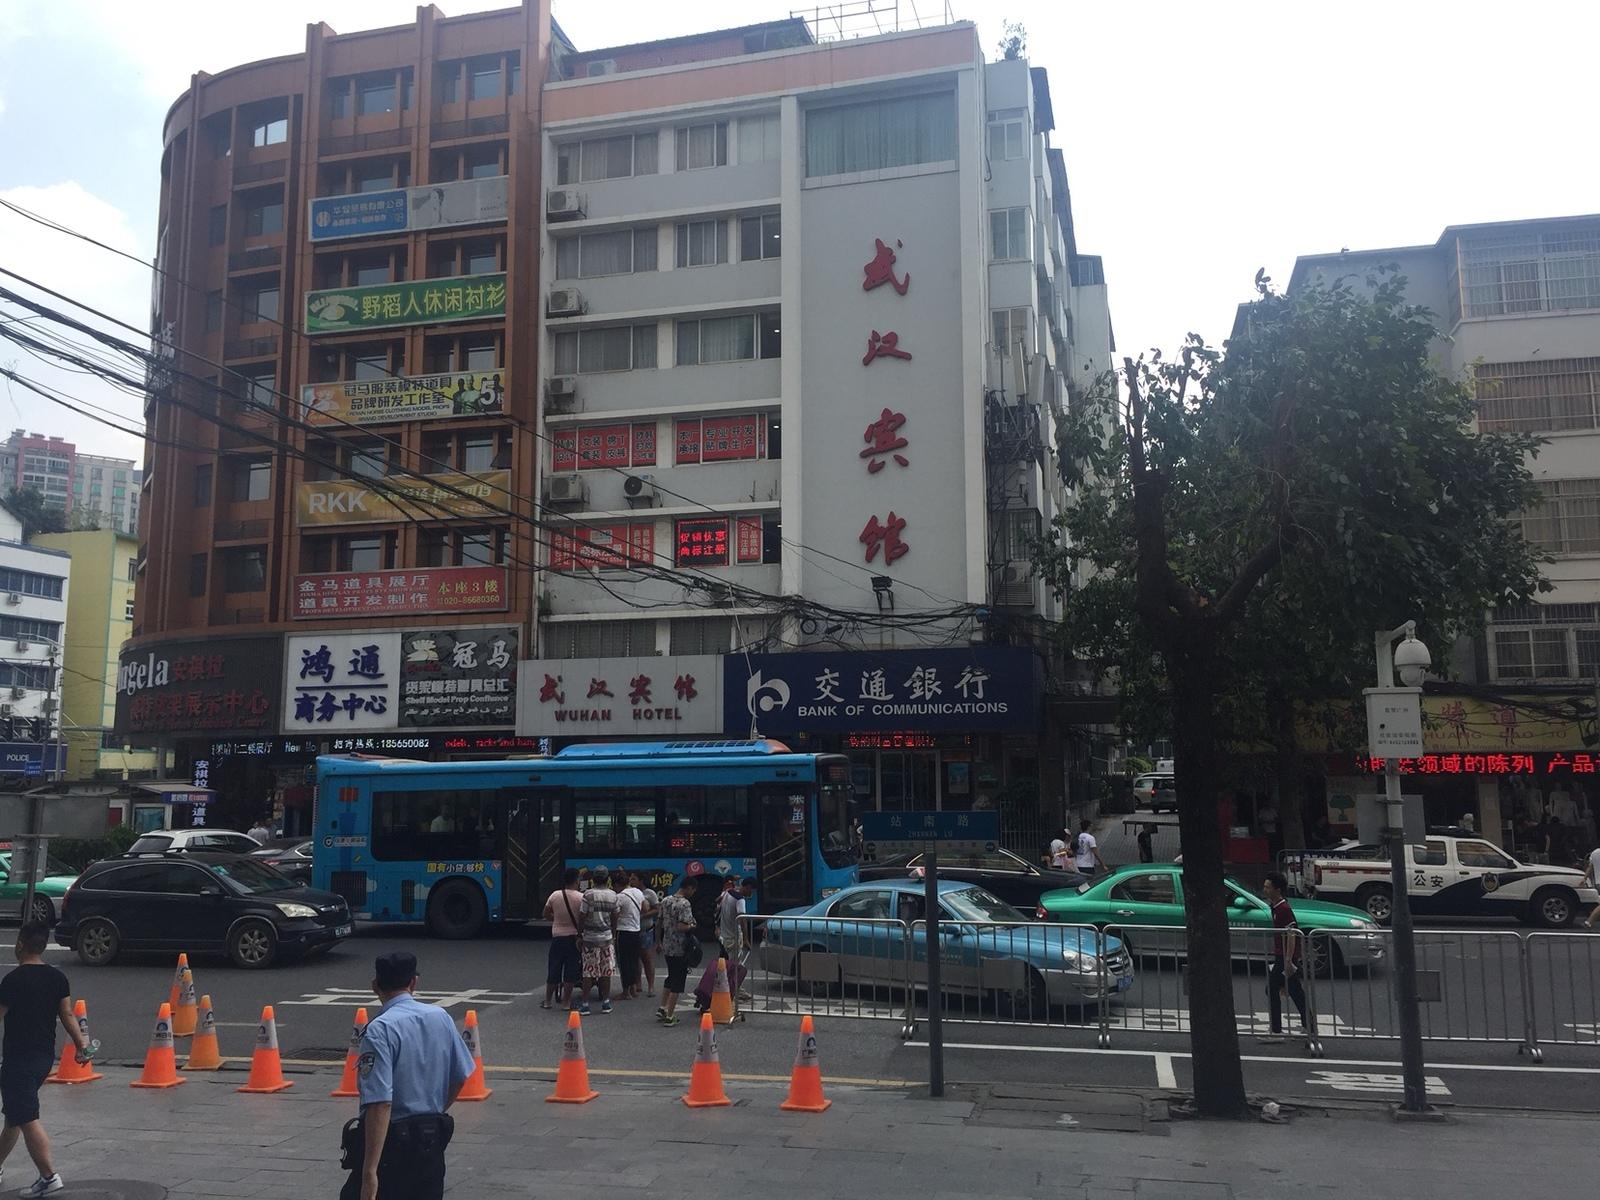 اجمل مدن العالم الصين 474221 المسافرون العرب